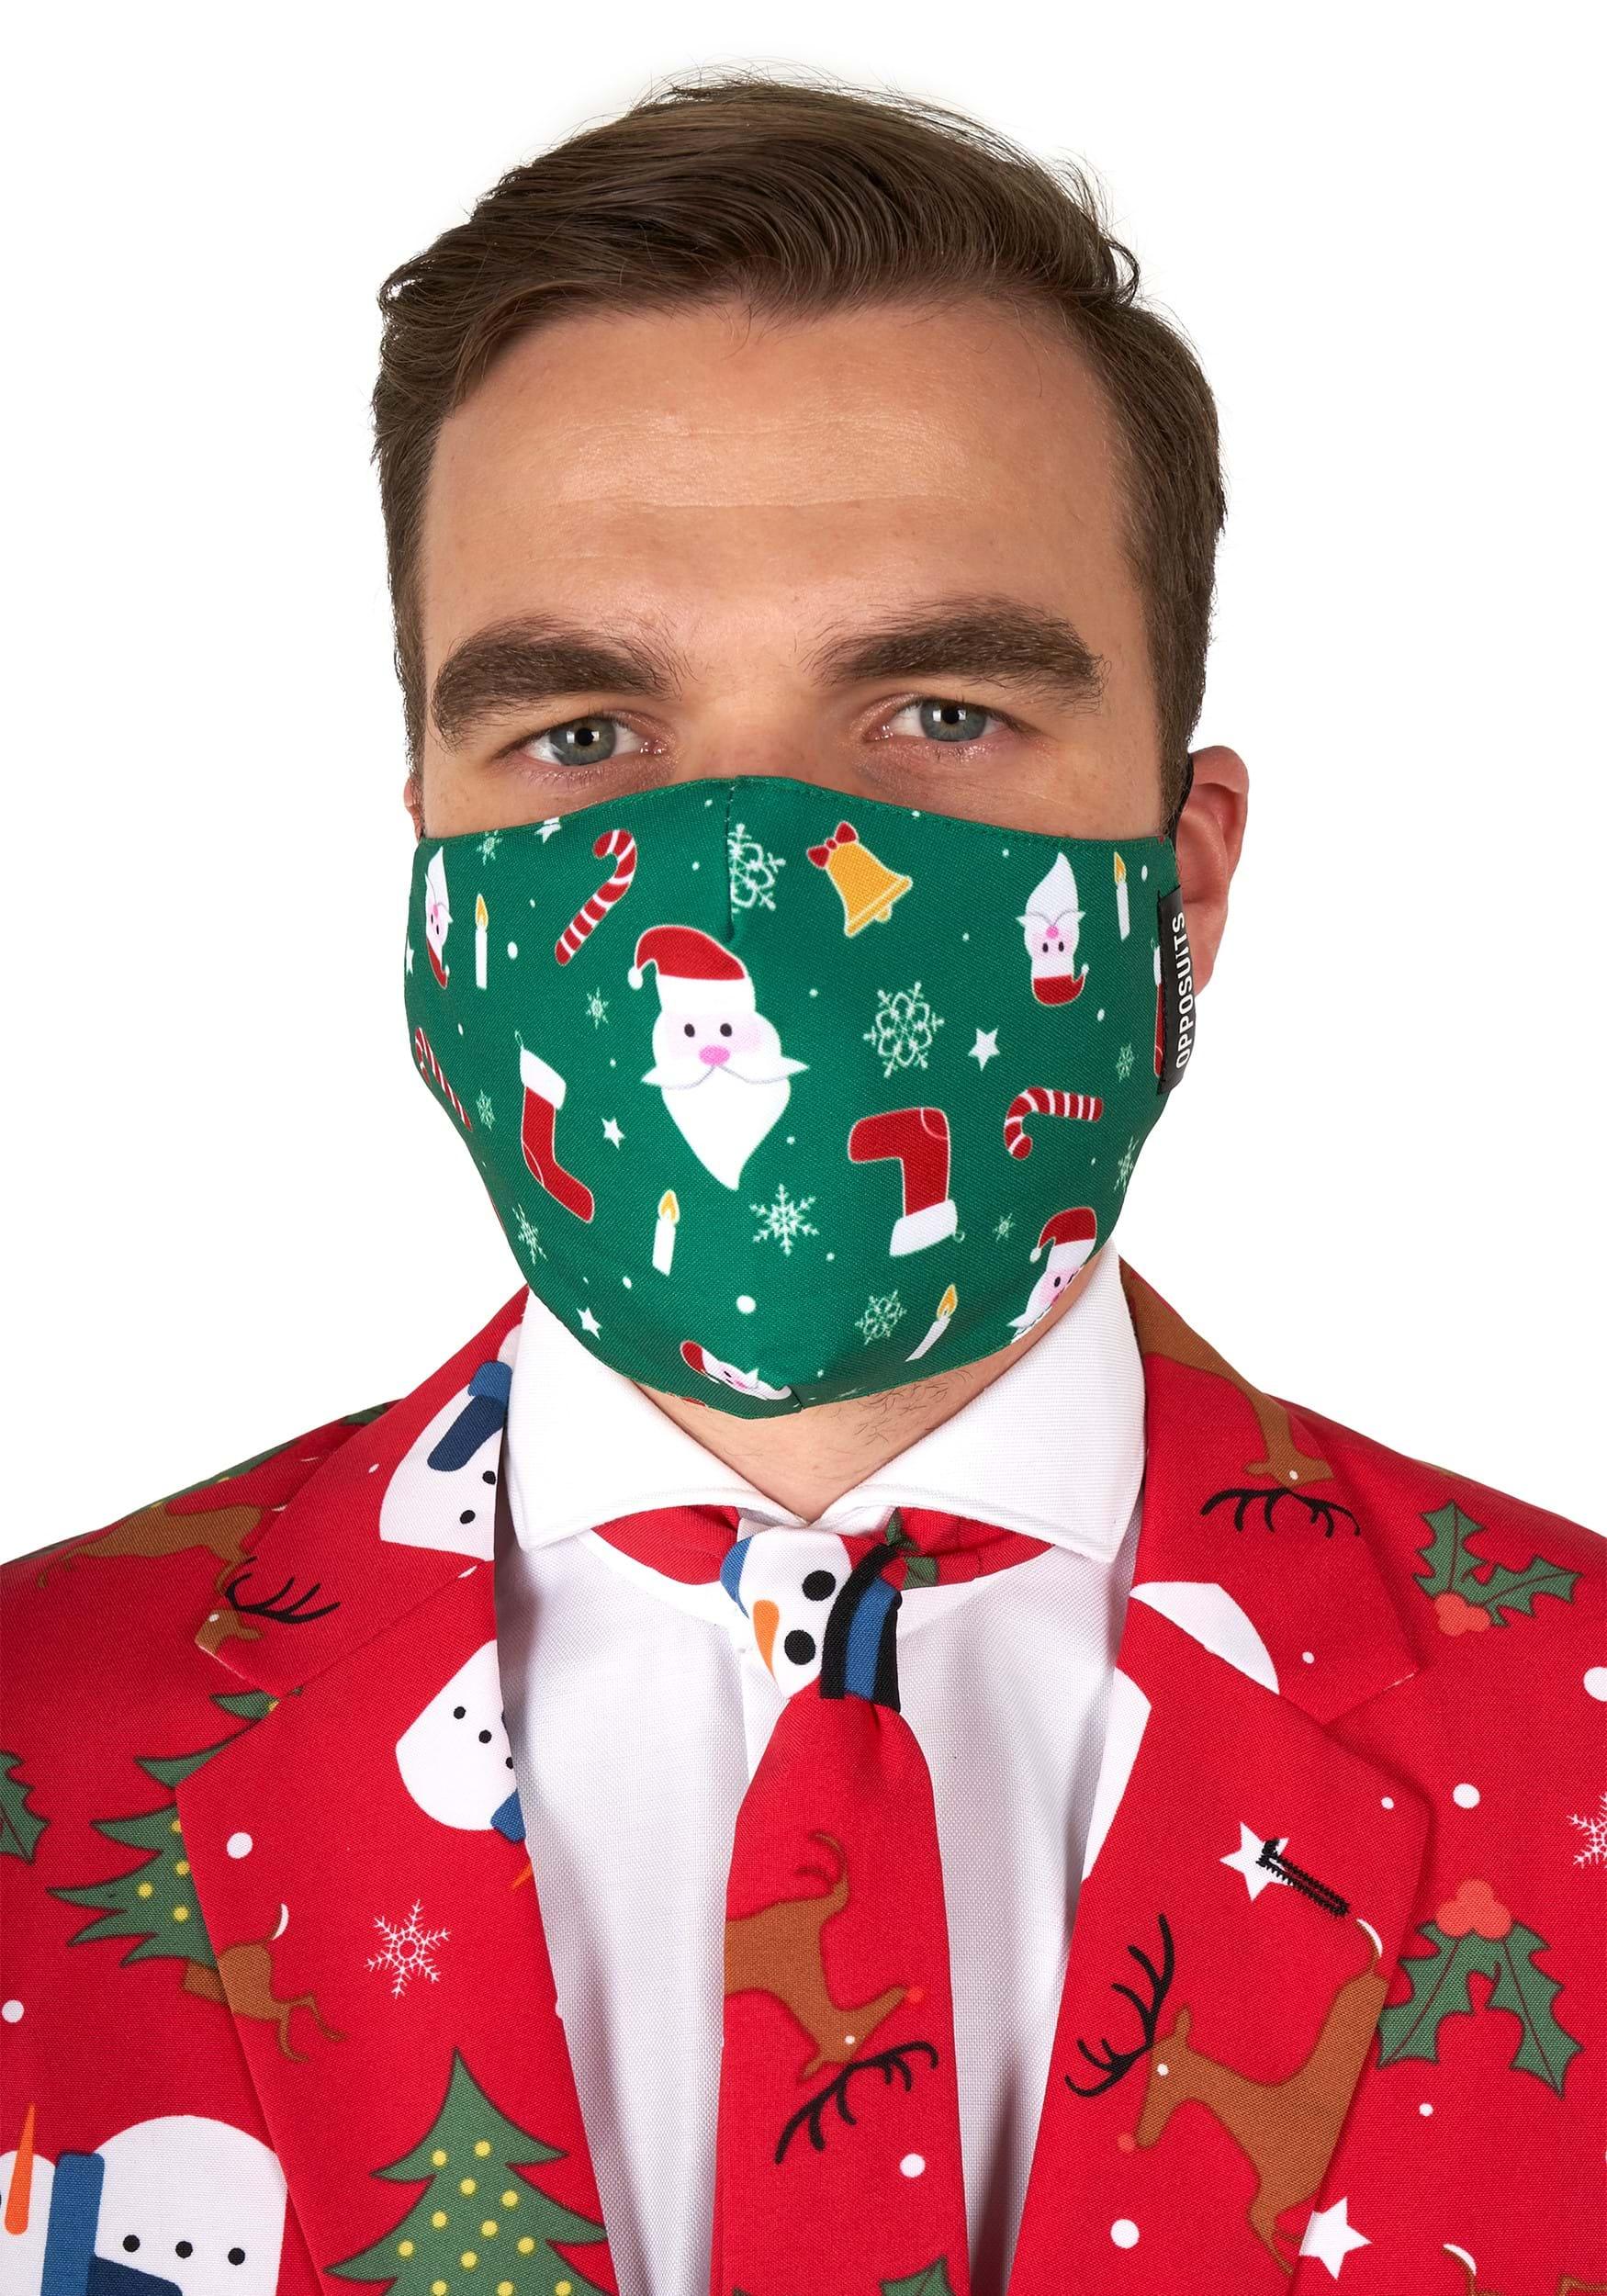 Opposuit Santaboss Face Mask for Adults